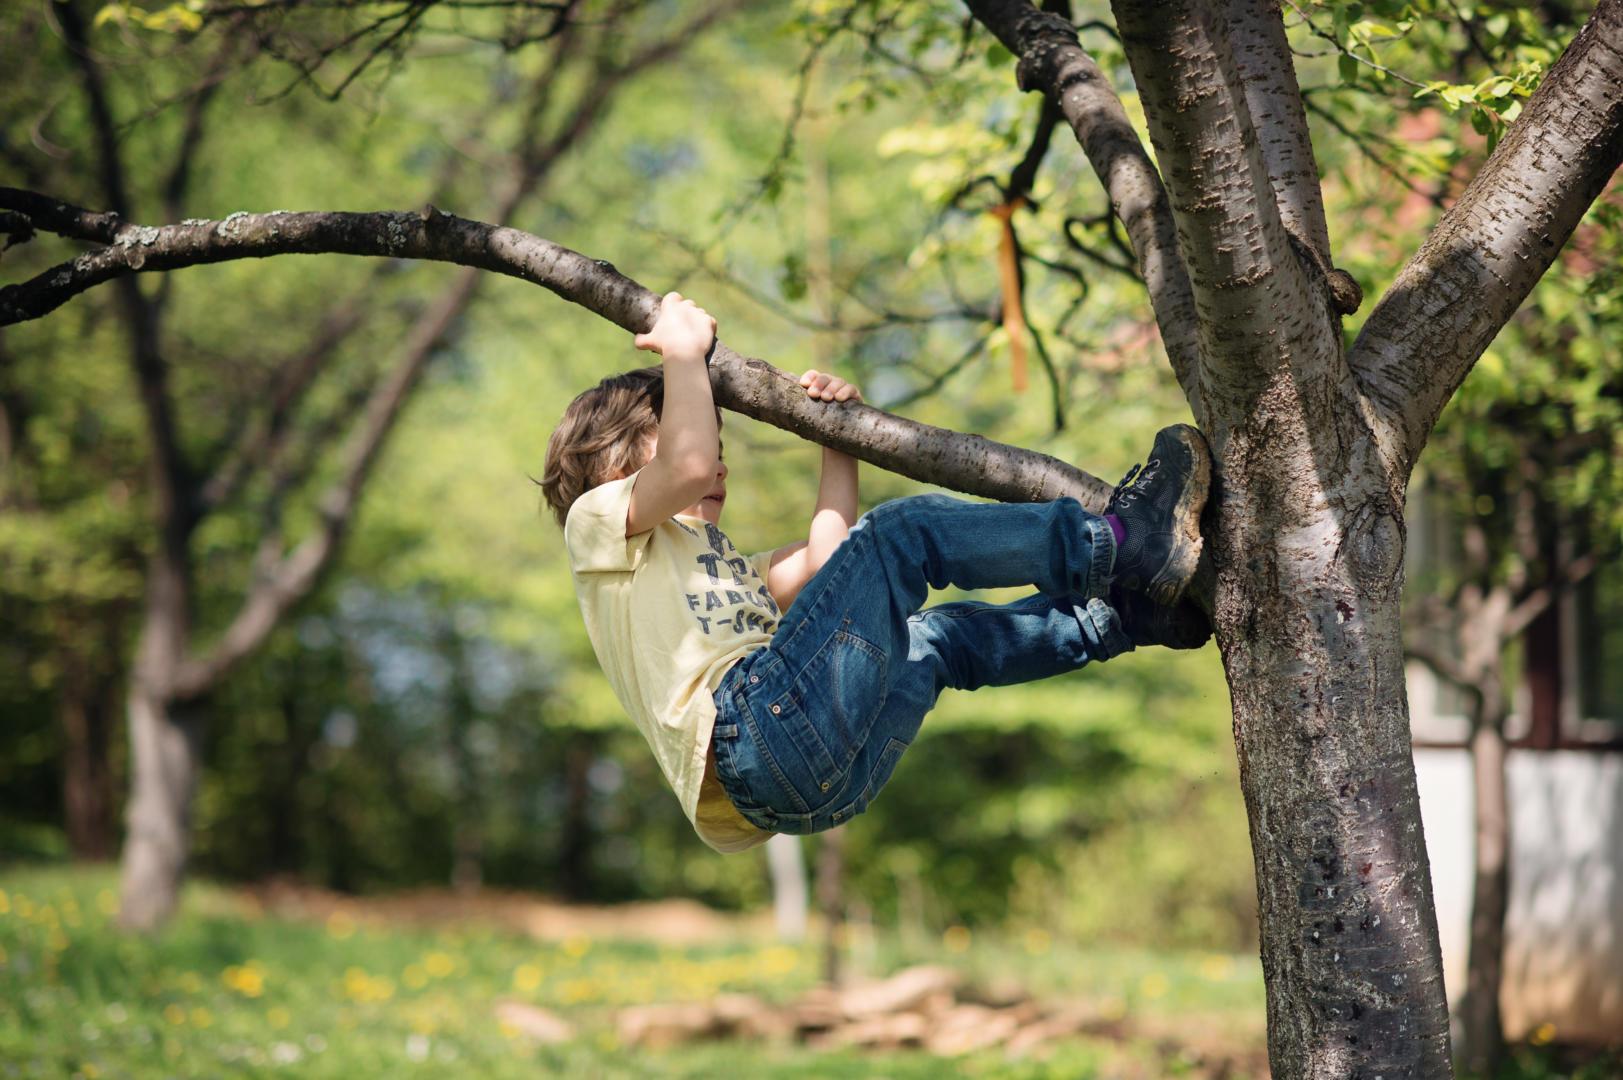 Junge klettert auf Baum